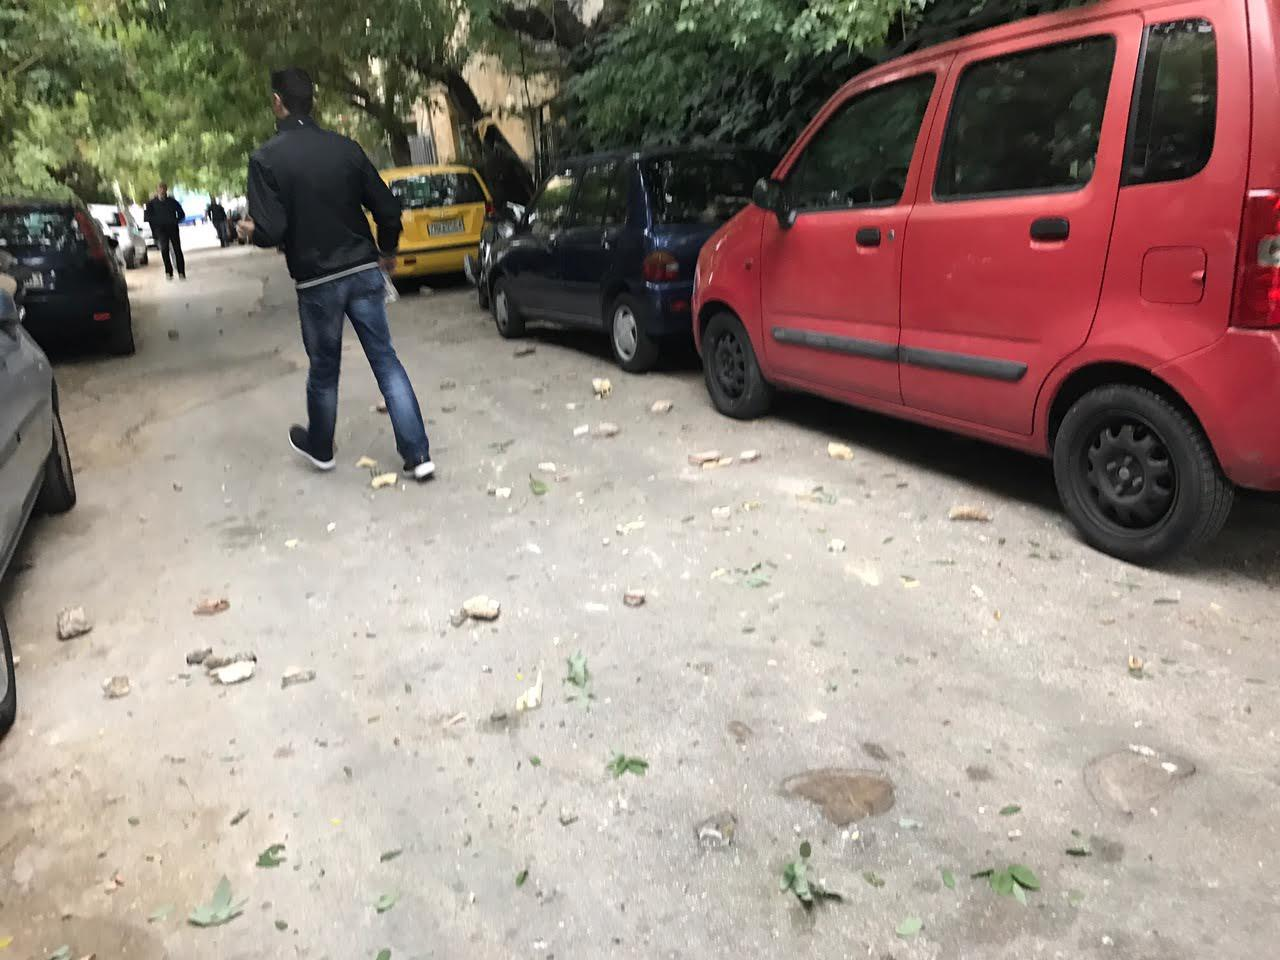 episodiai-prosfigika-1300jpg-3 Επεισόδια αντεξουσιαστών-ΜΑΤ στα προσφυγικά της Λεωφόρου  Αλεξάνδρας [εικόνες & βίντεο]